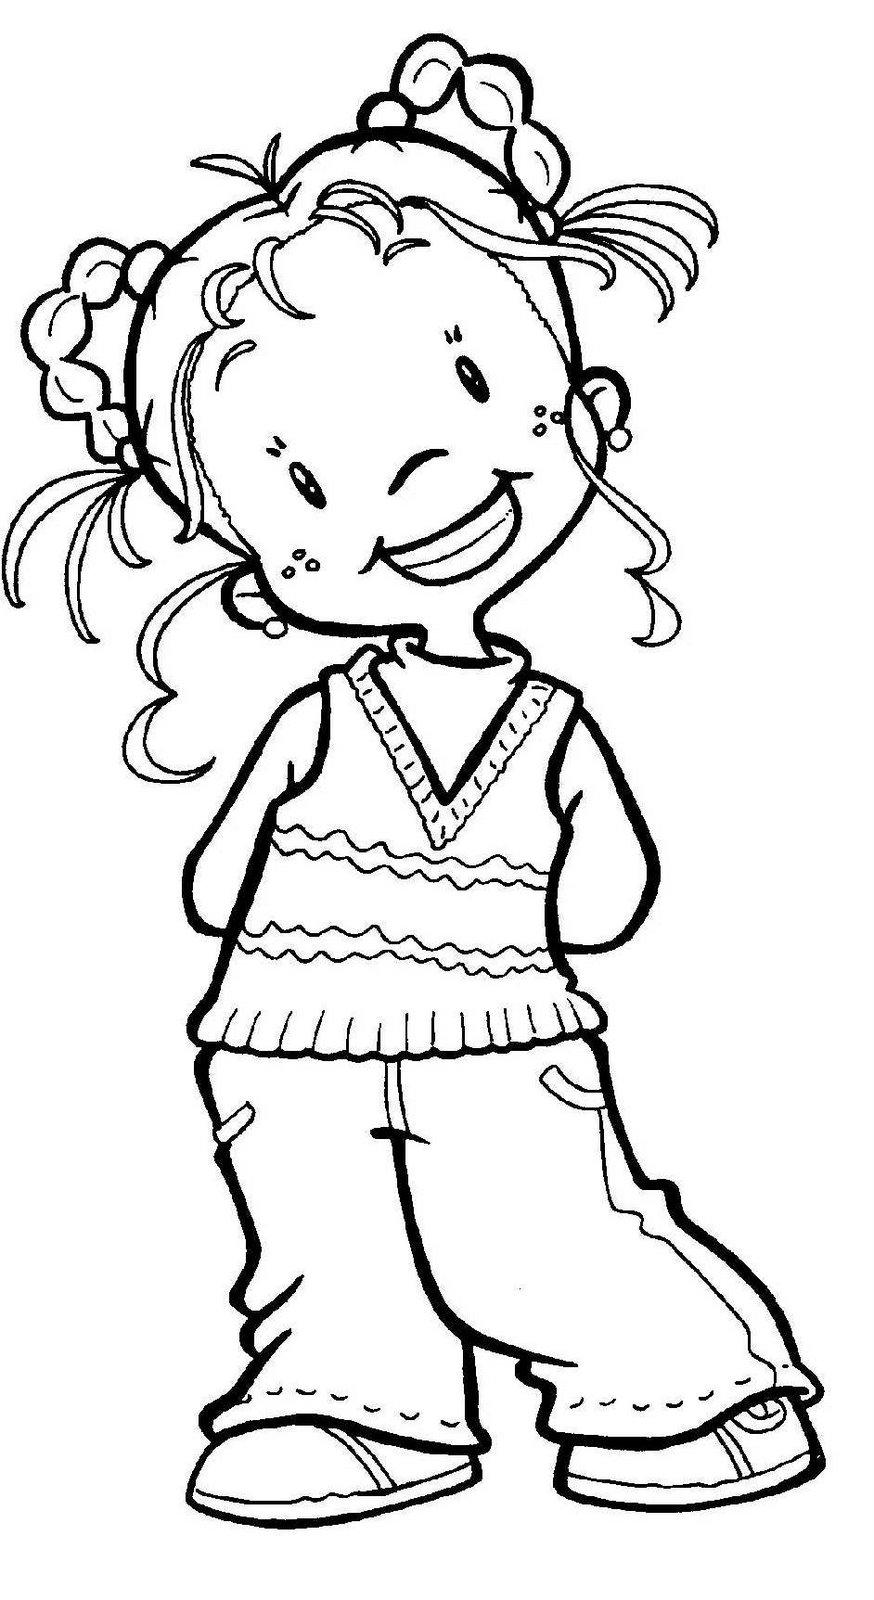 Dibujos Para Colorear De Un Niño Pensando ~ Ideas Creativas Sobre ...